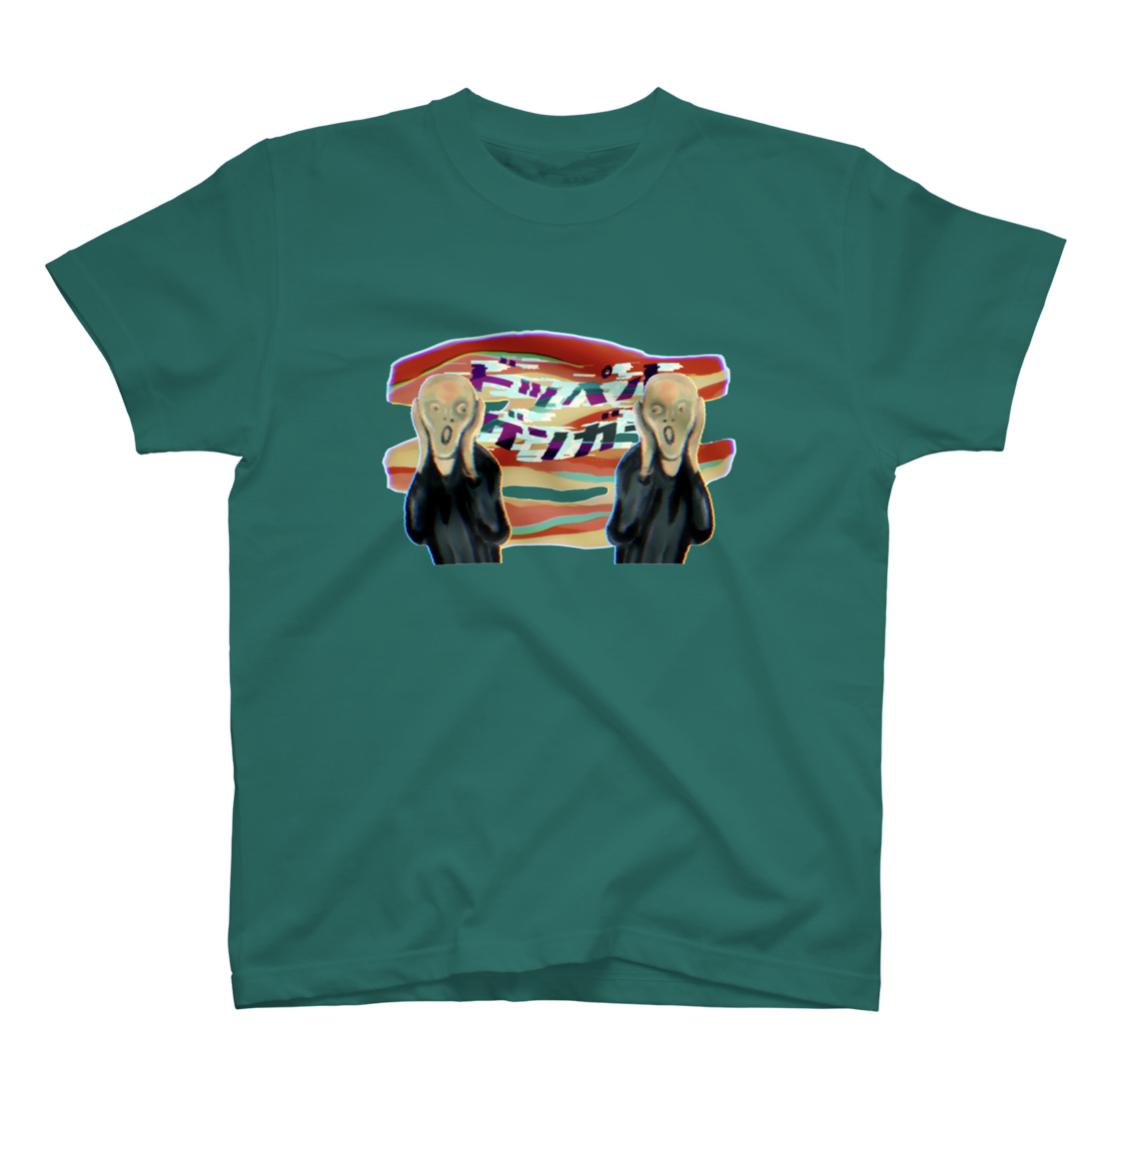 名画・歴史人物 がモチーフのTシャツ